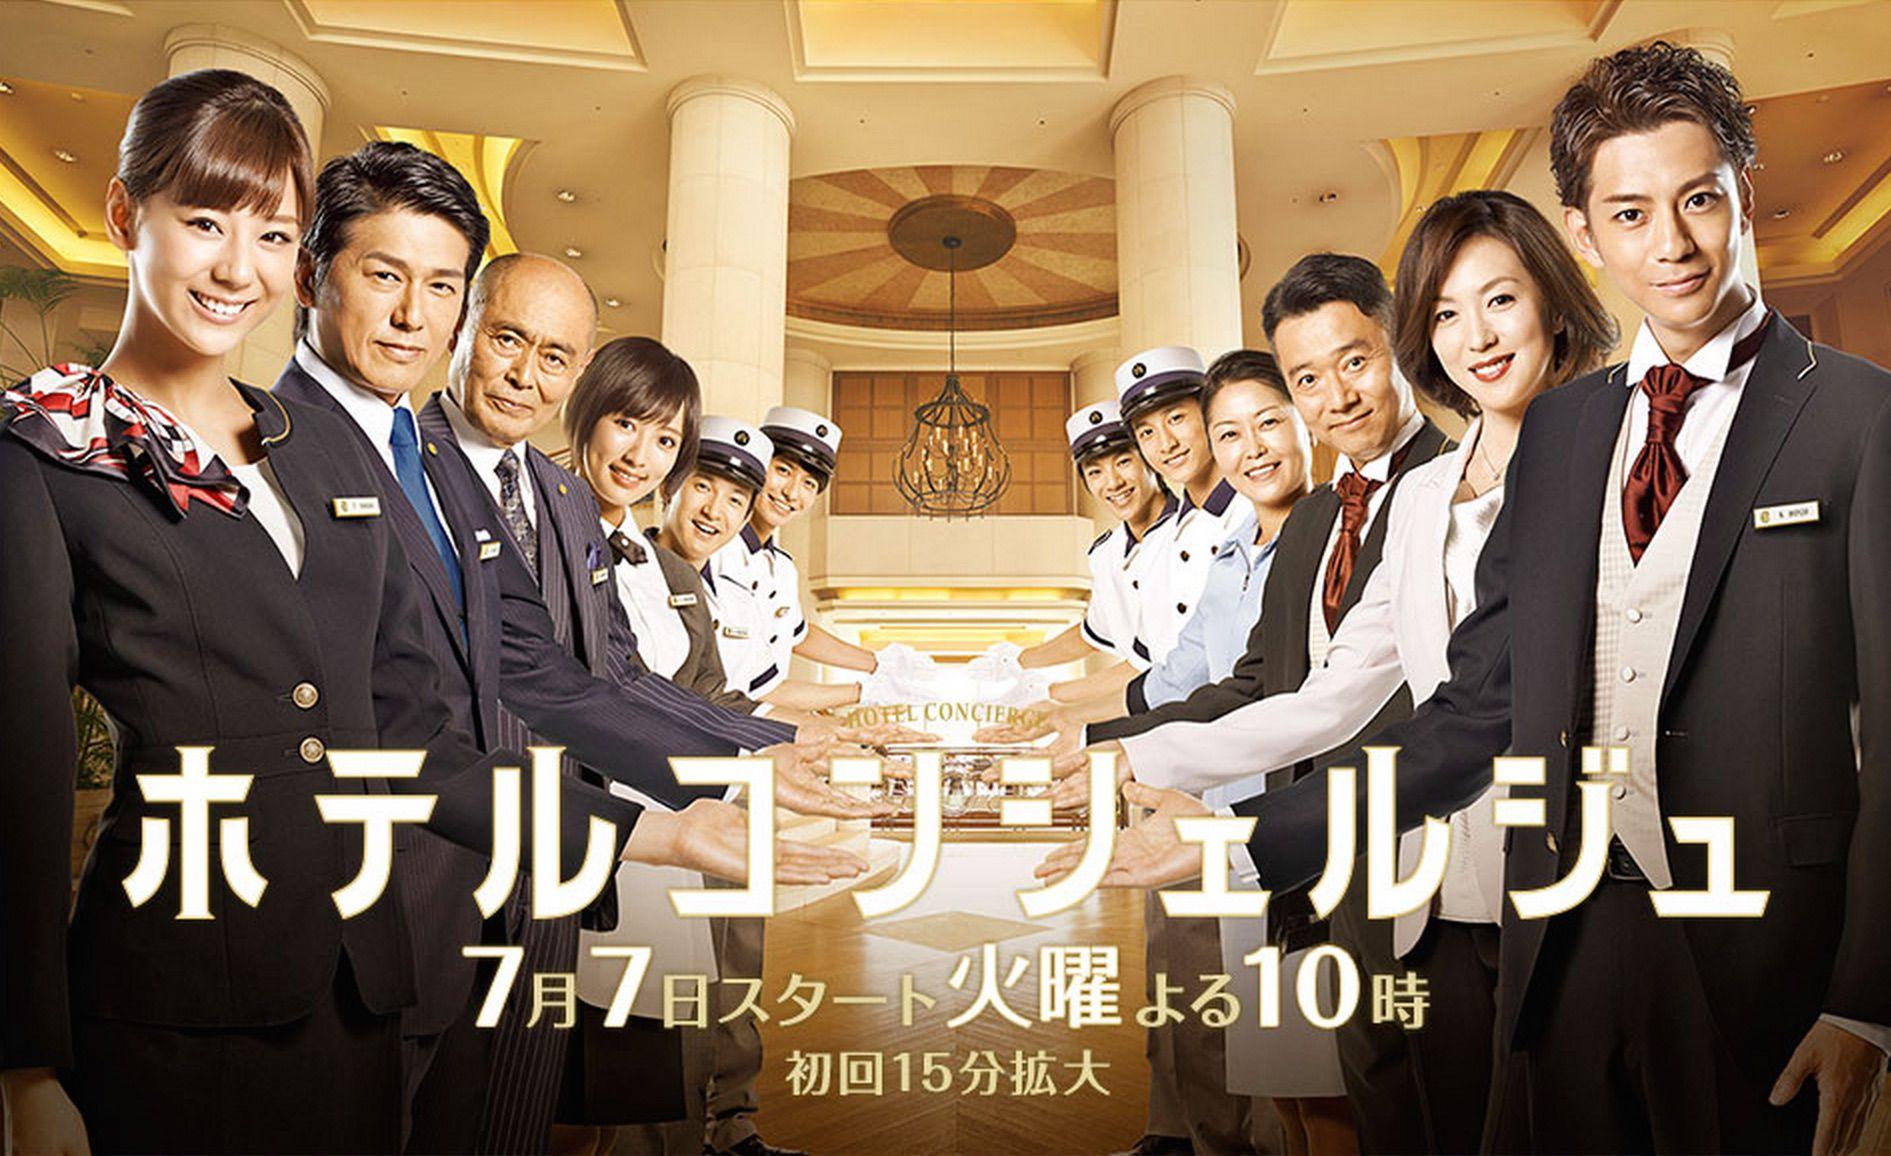 hotel concierge asianwiki